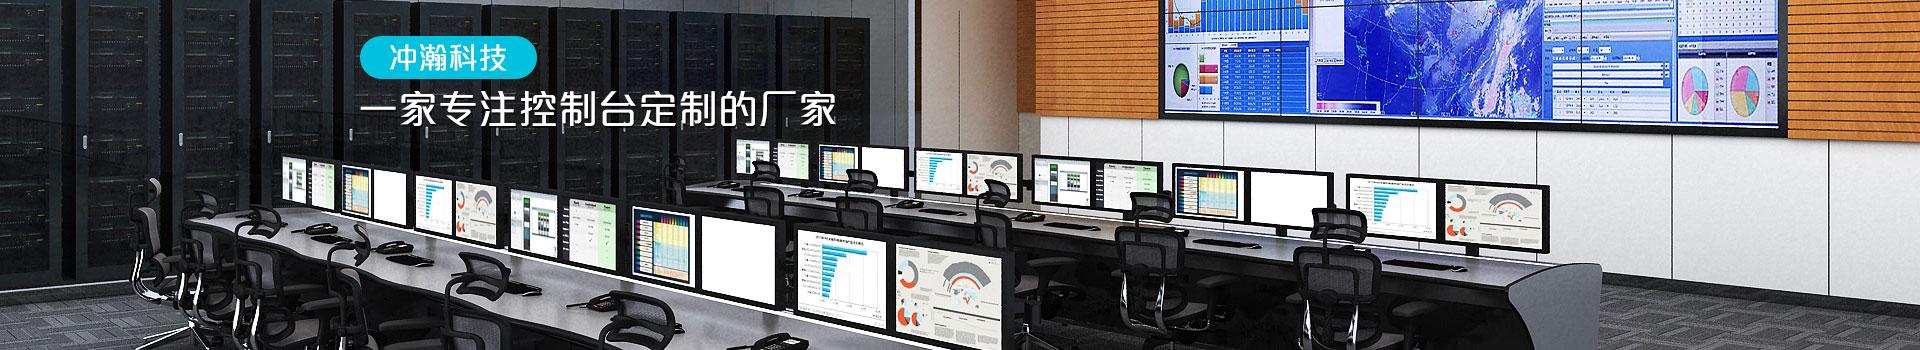 冲瀚科技 一家专注控制台定制的厂家